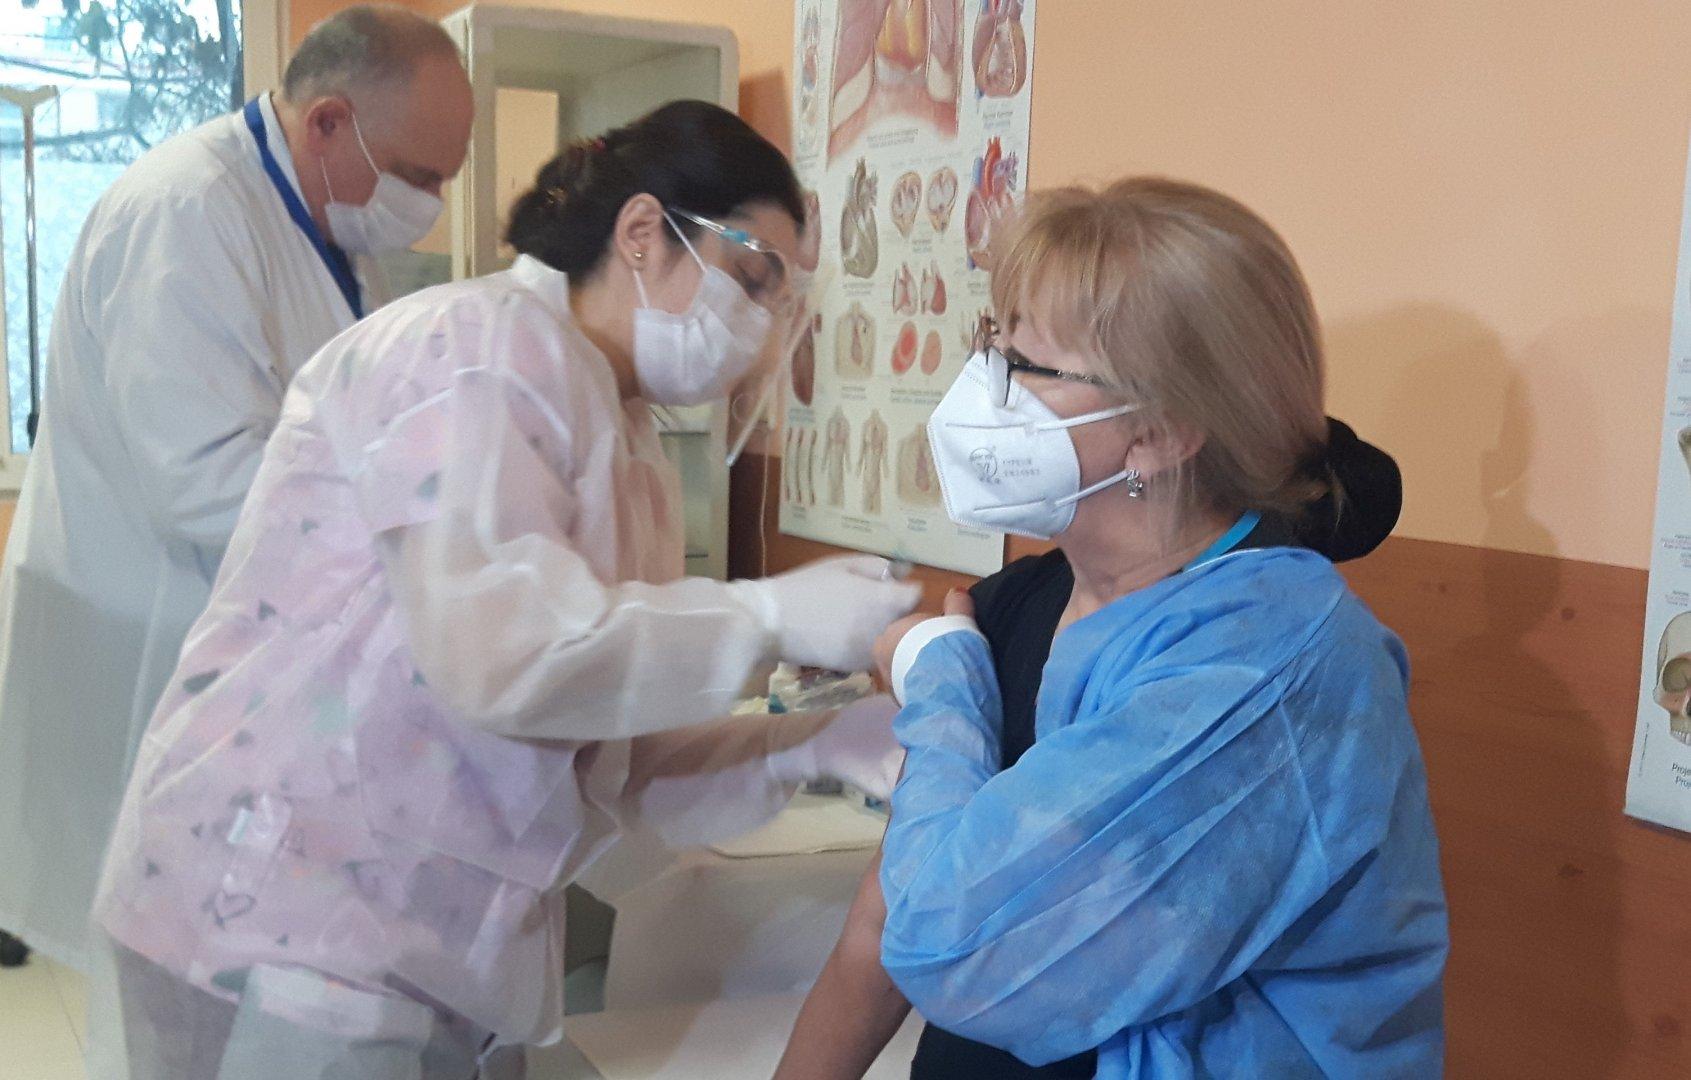 Ваксинацията в кабинета се извършва всеки ден от седмицата. Снимка УМБАЛ - Бургас